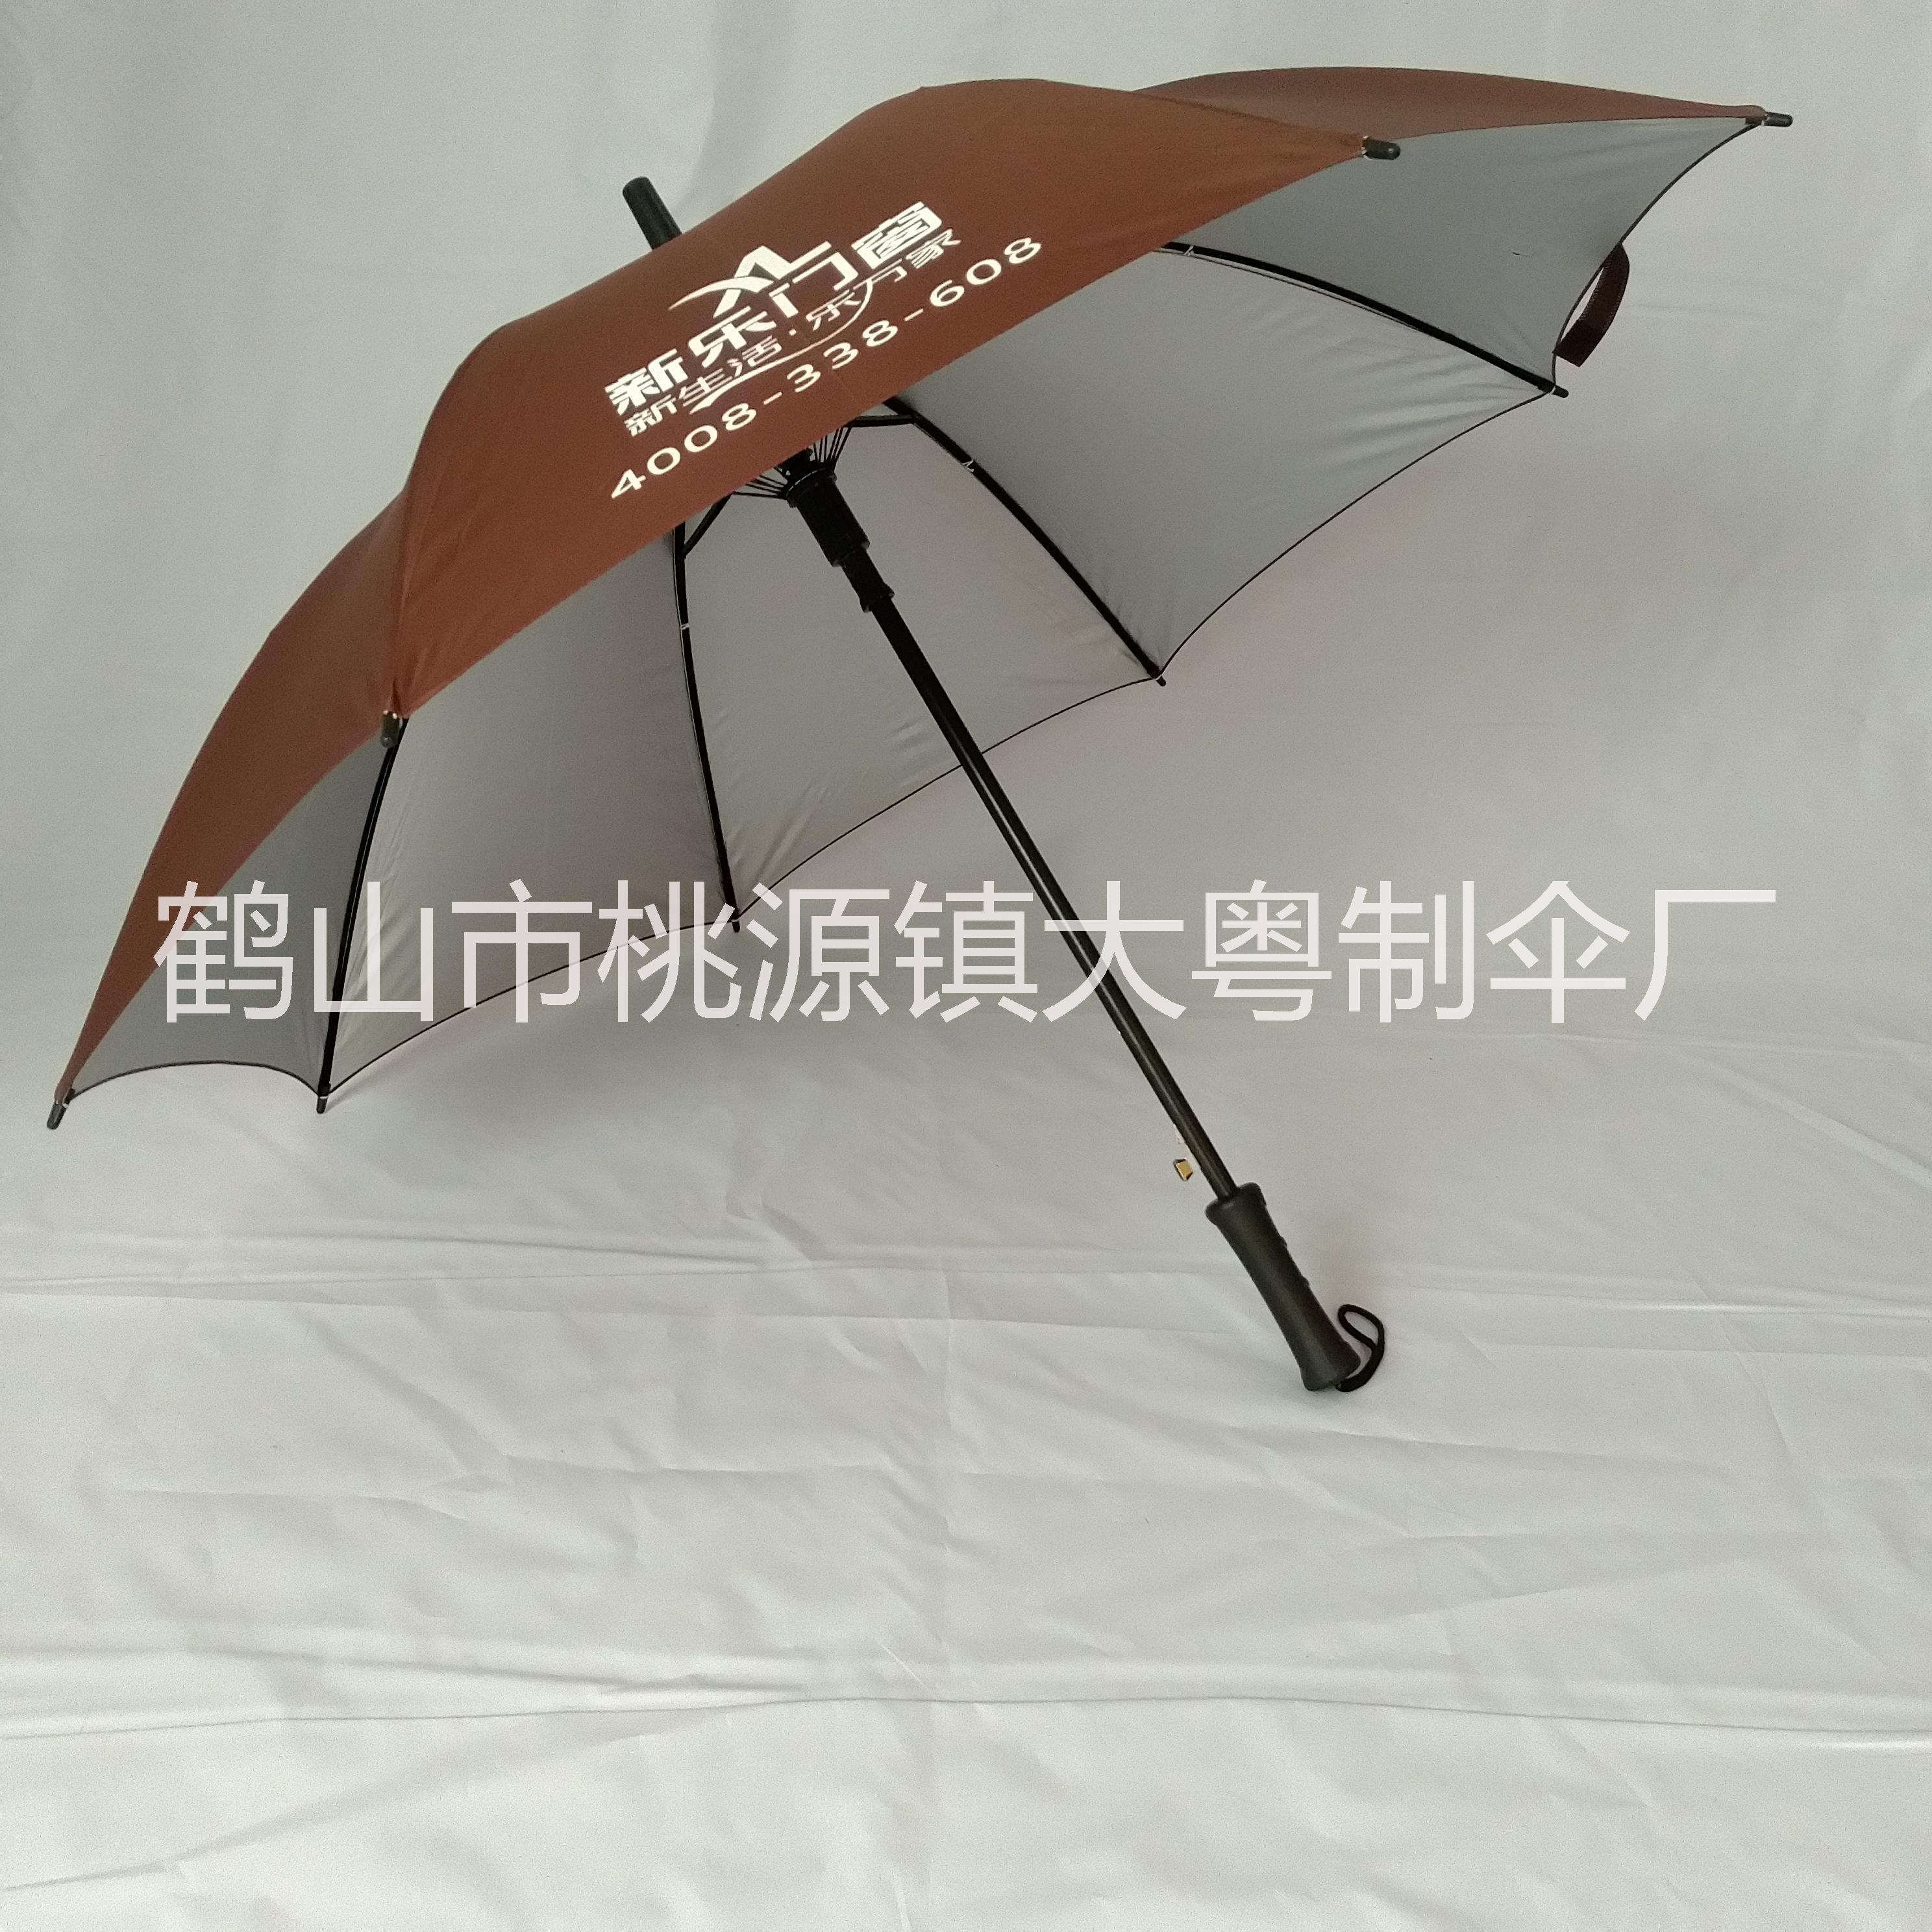 定制礼品伞 雨伞定做LOGO 促销宣传雨伞 广告雨伞订做厂家 防晒遮阳伞工厂直销